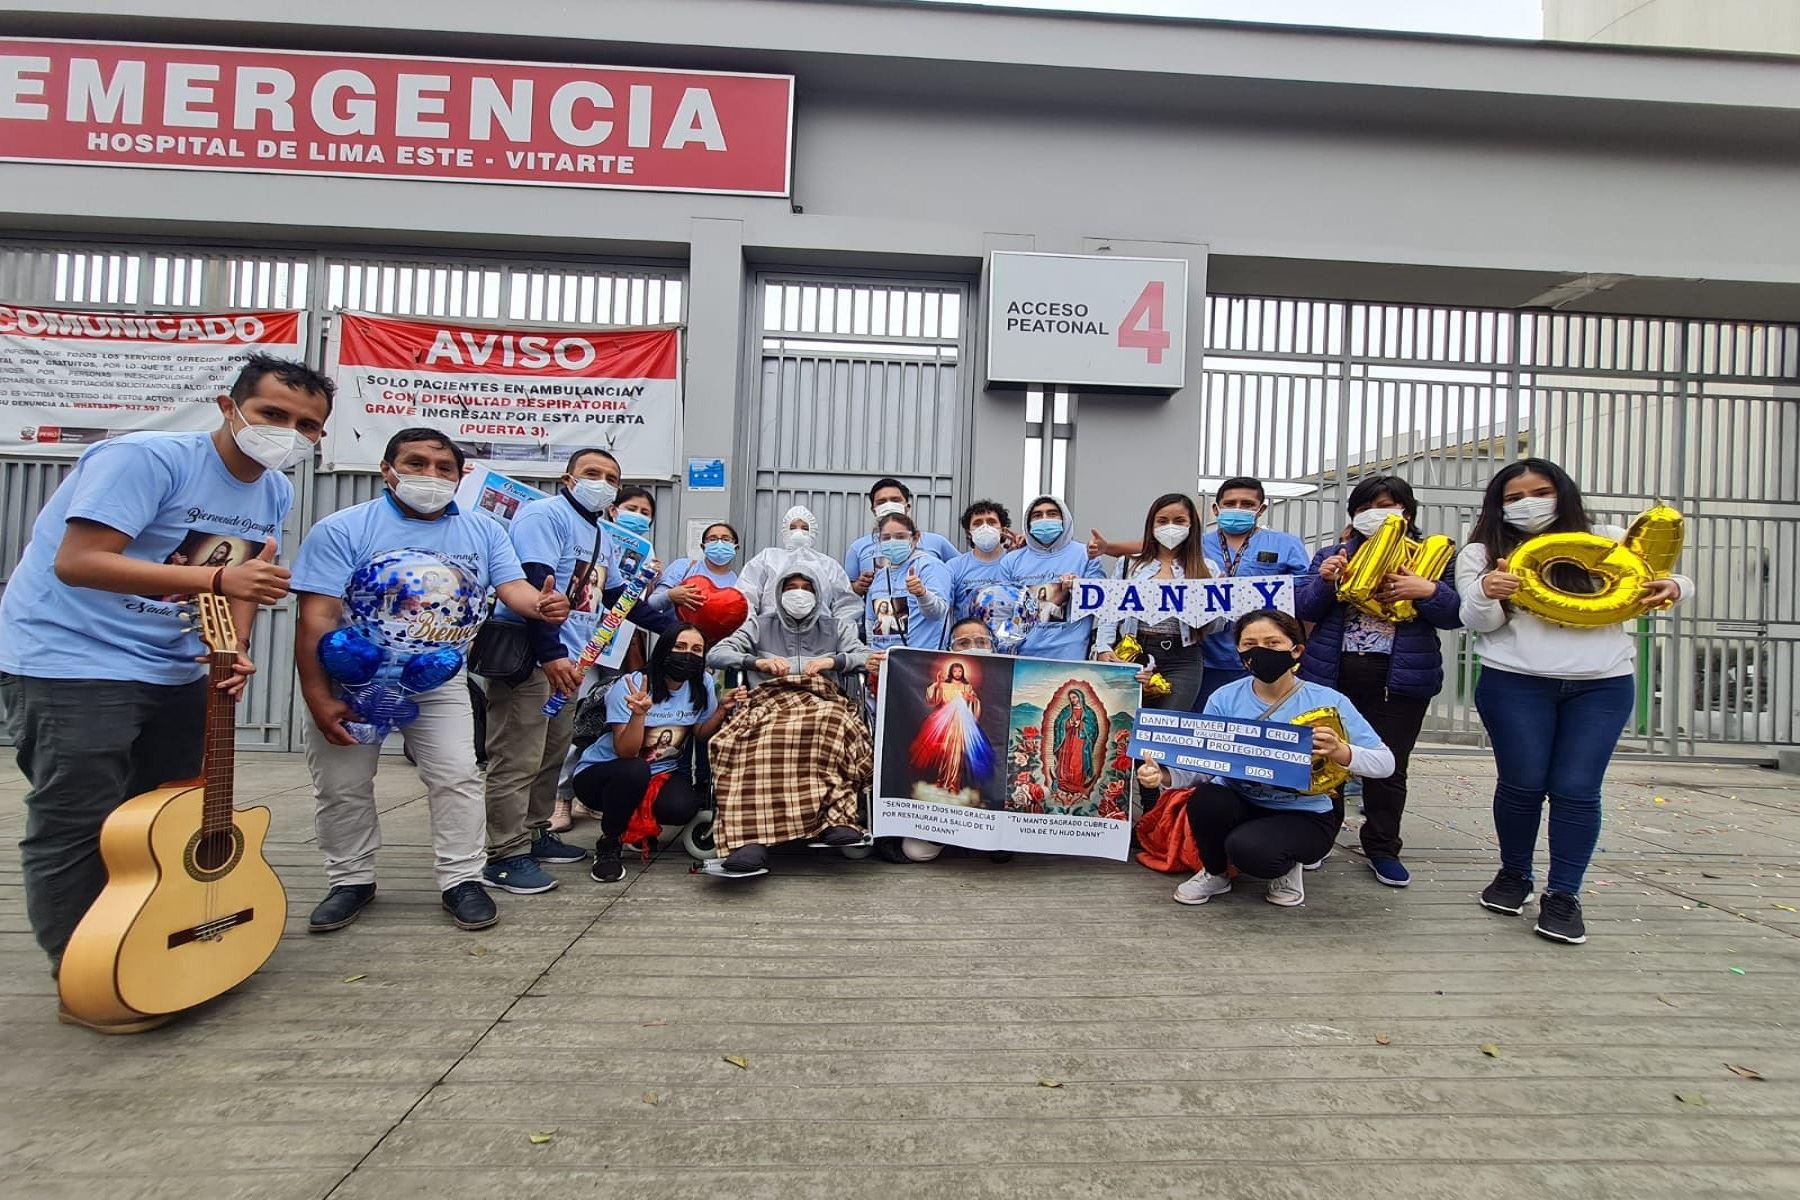 Más de 5000 pacientes vencieron la covid-19 en el Hospital Emergencia Ate Vitarte